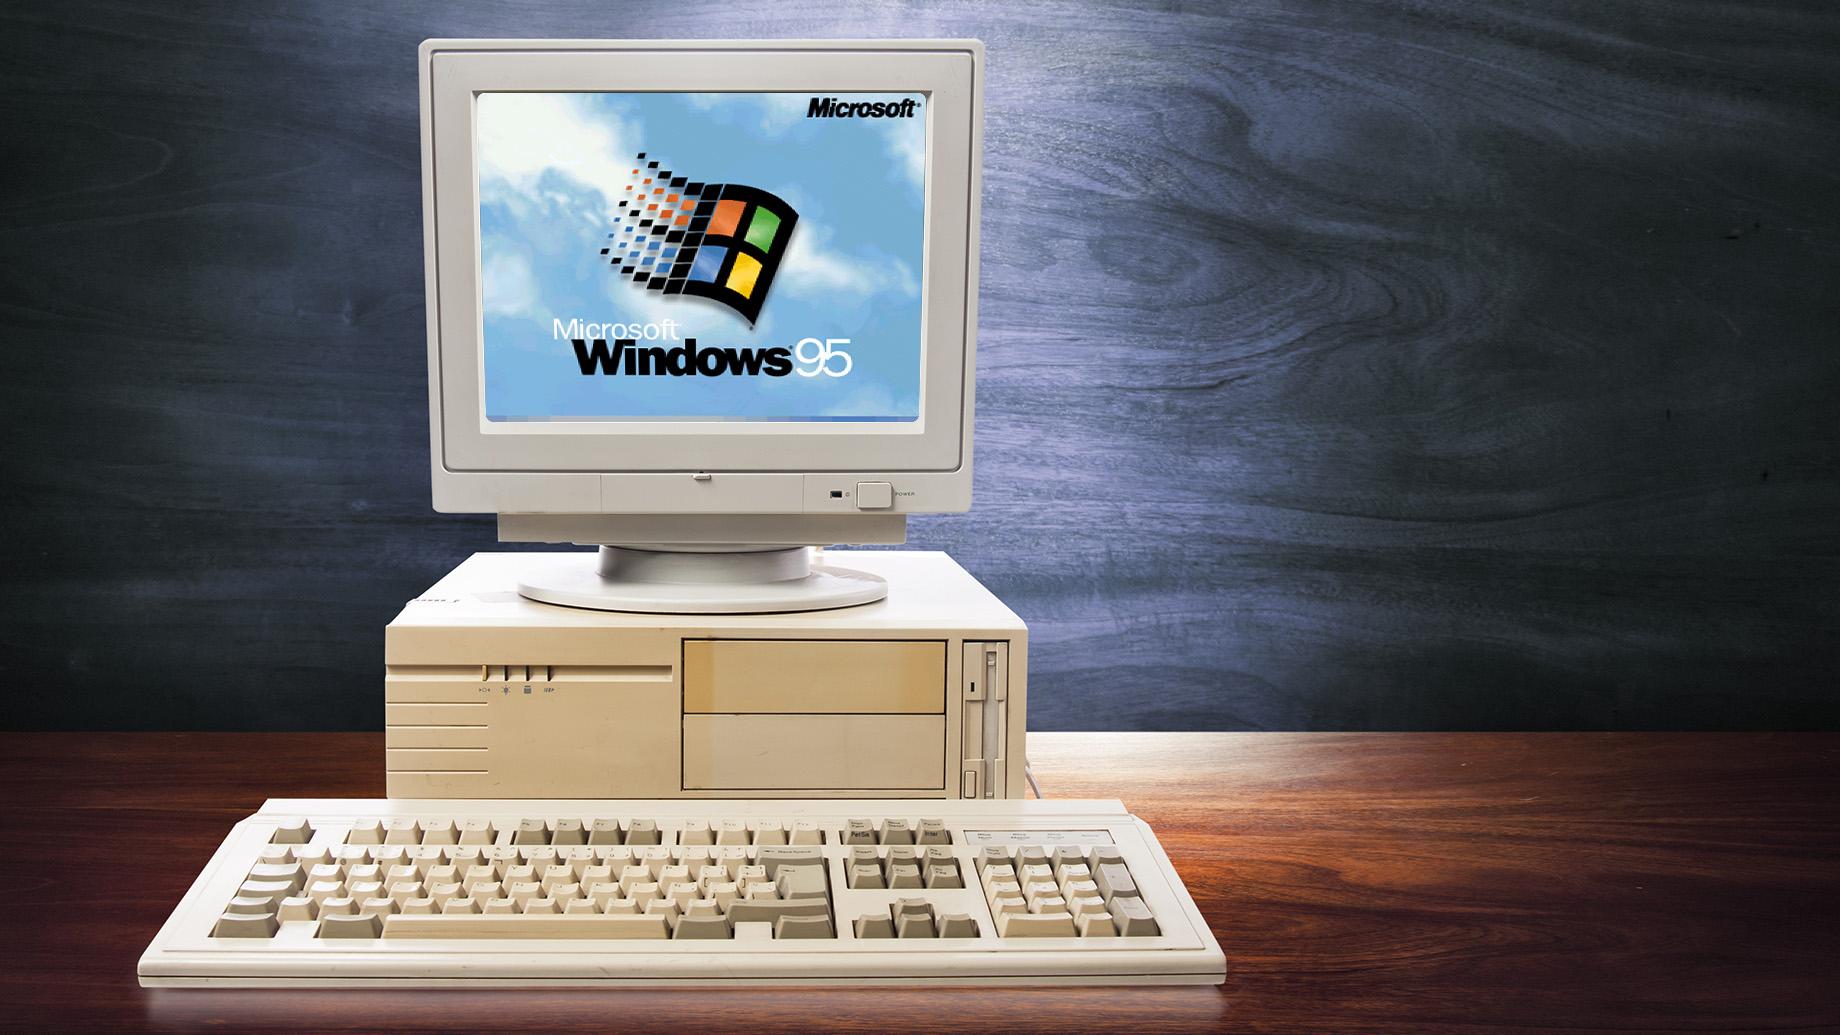 تاريخ طرح ويندوز 95 في الاسواق